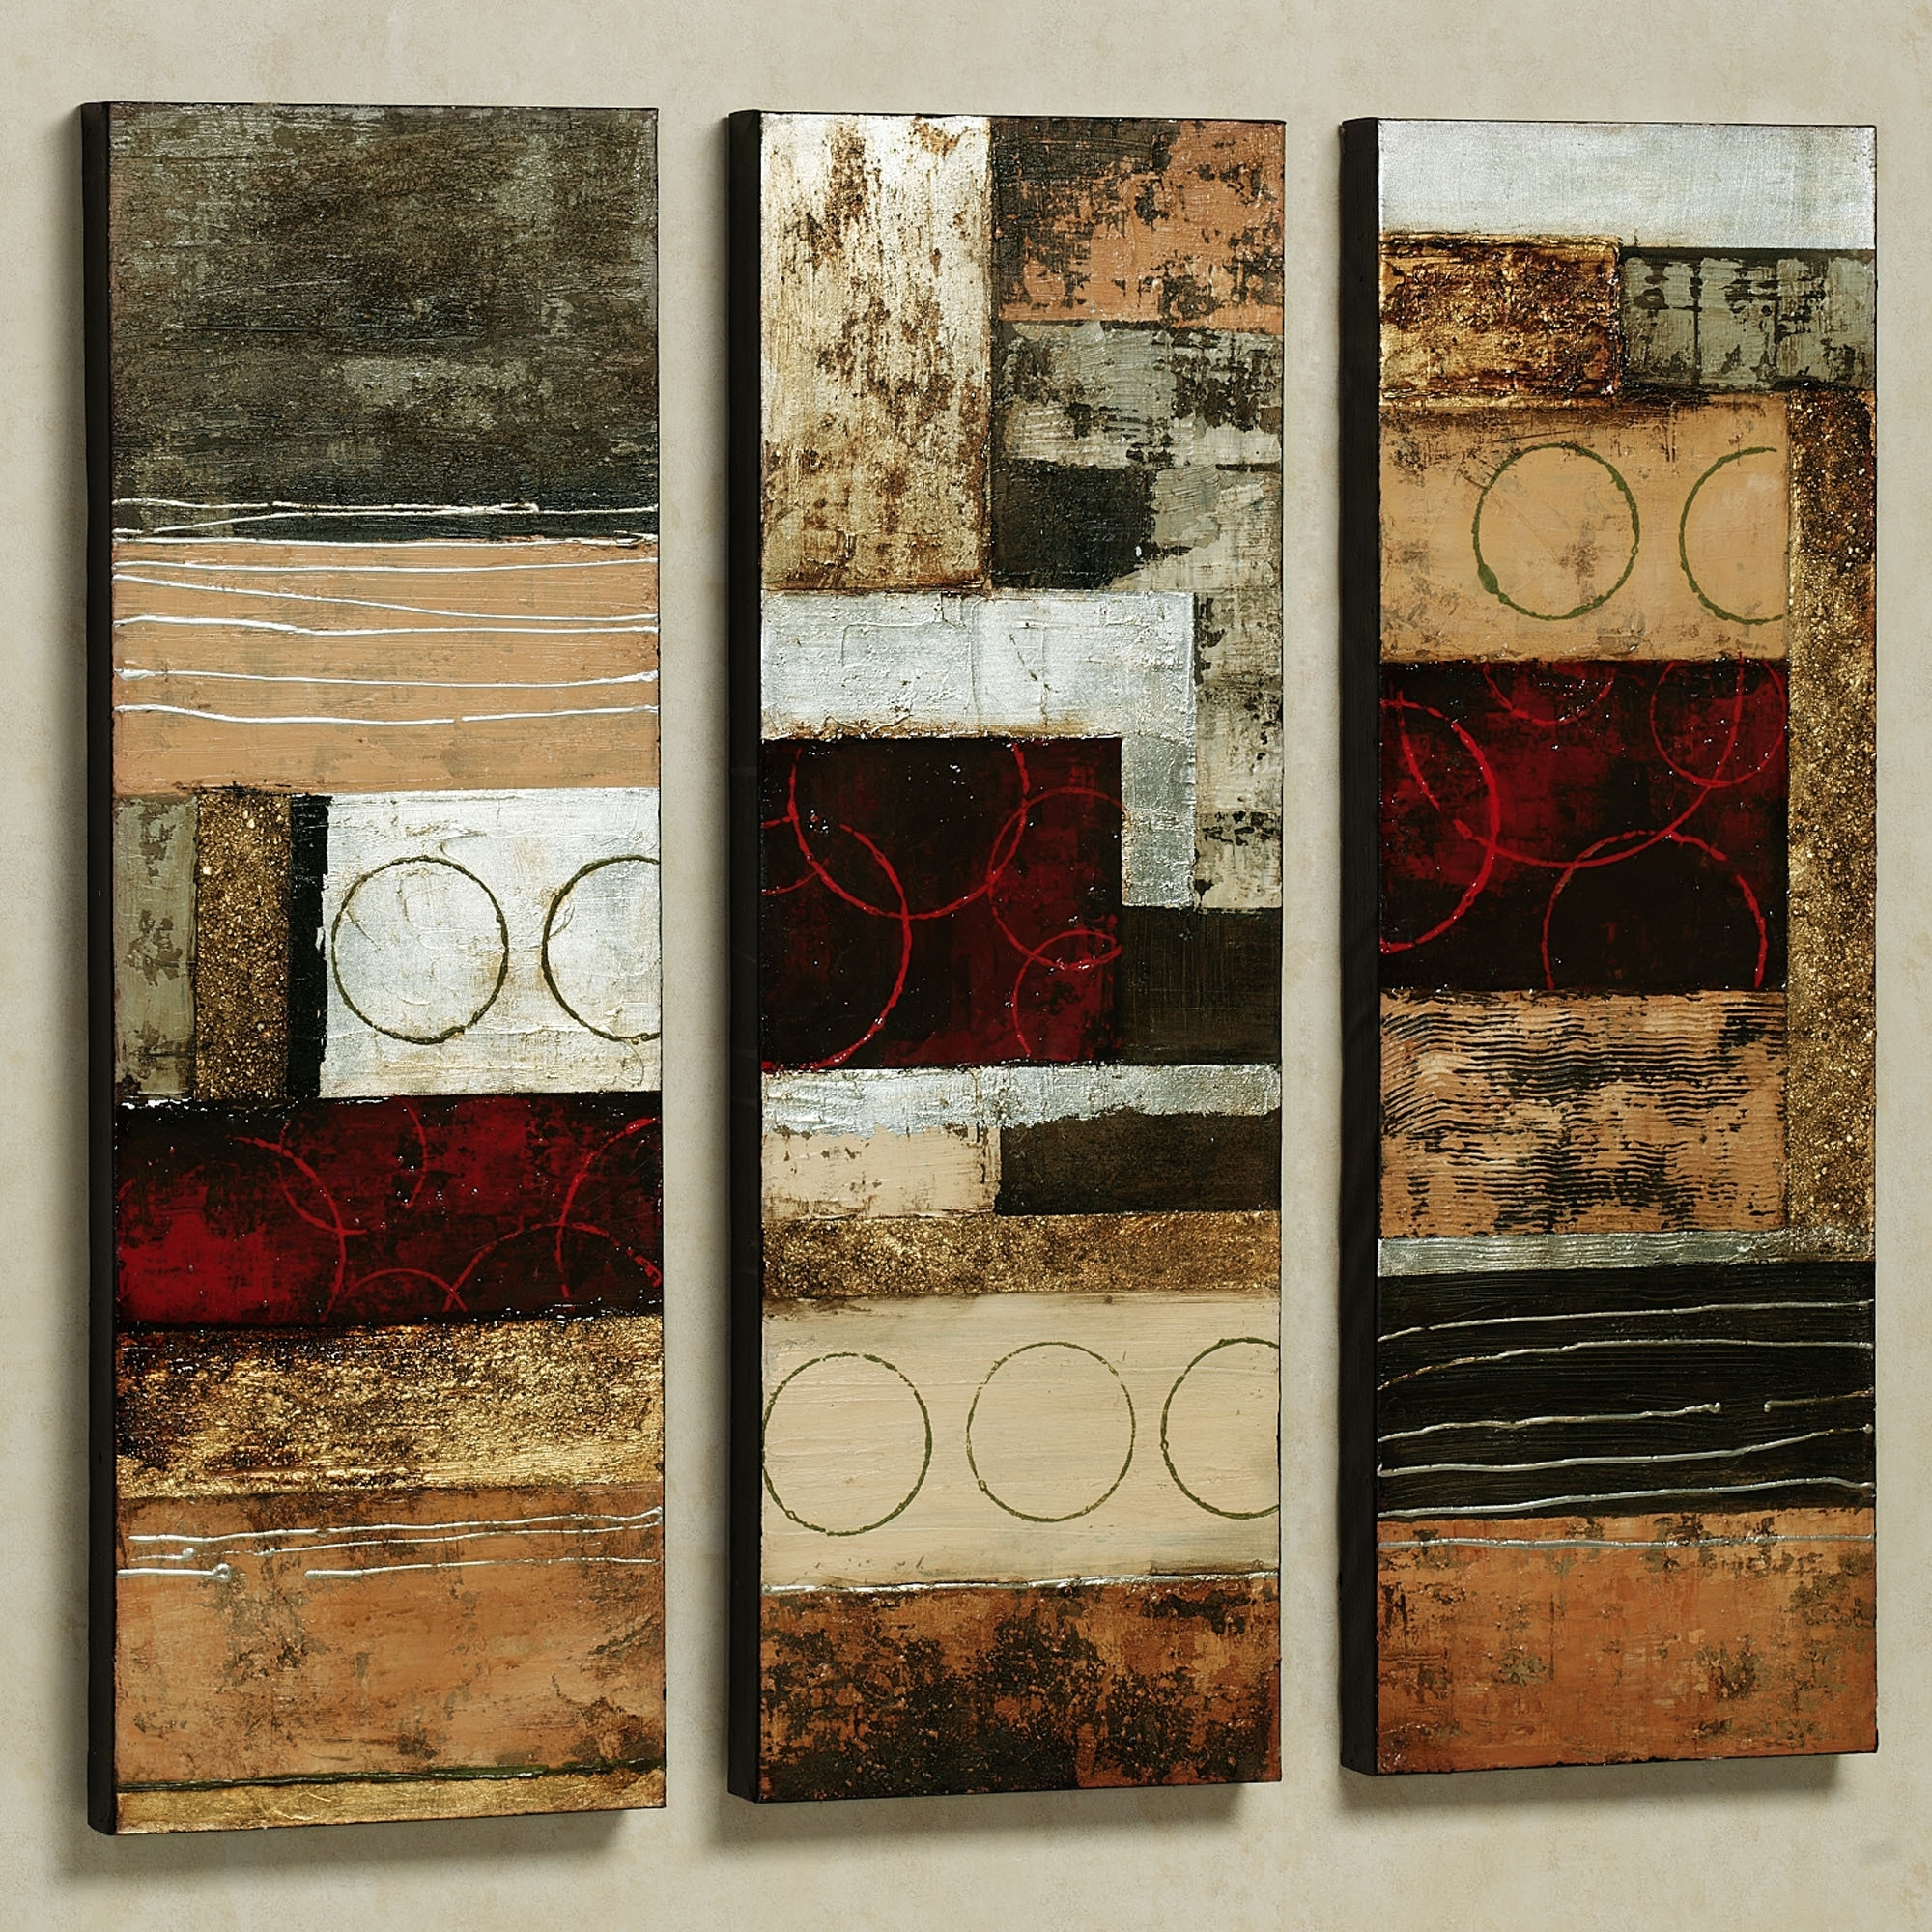 Newest Brown Framed Wall Art Regarding Wall Art: Amazing Canvas Art Set 3 Piece Wall Art Amazon, Matching (View 11 of 15)